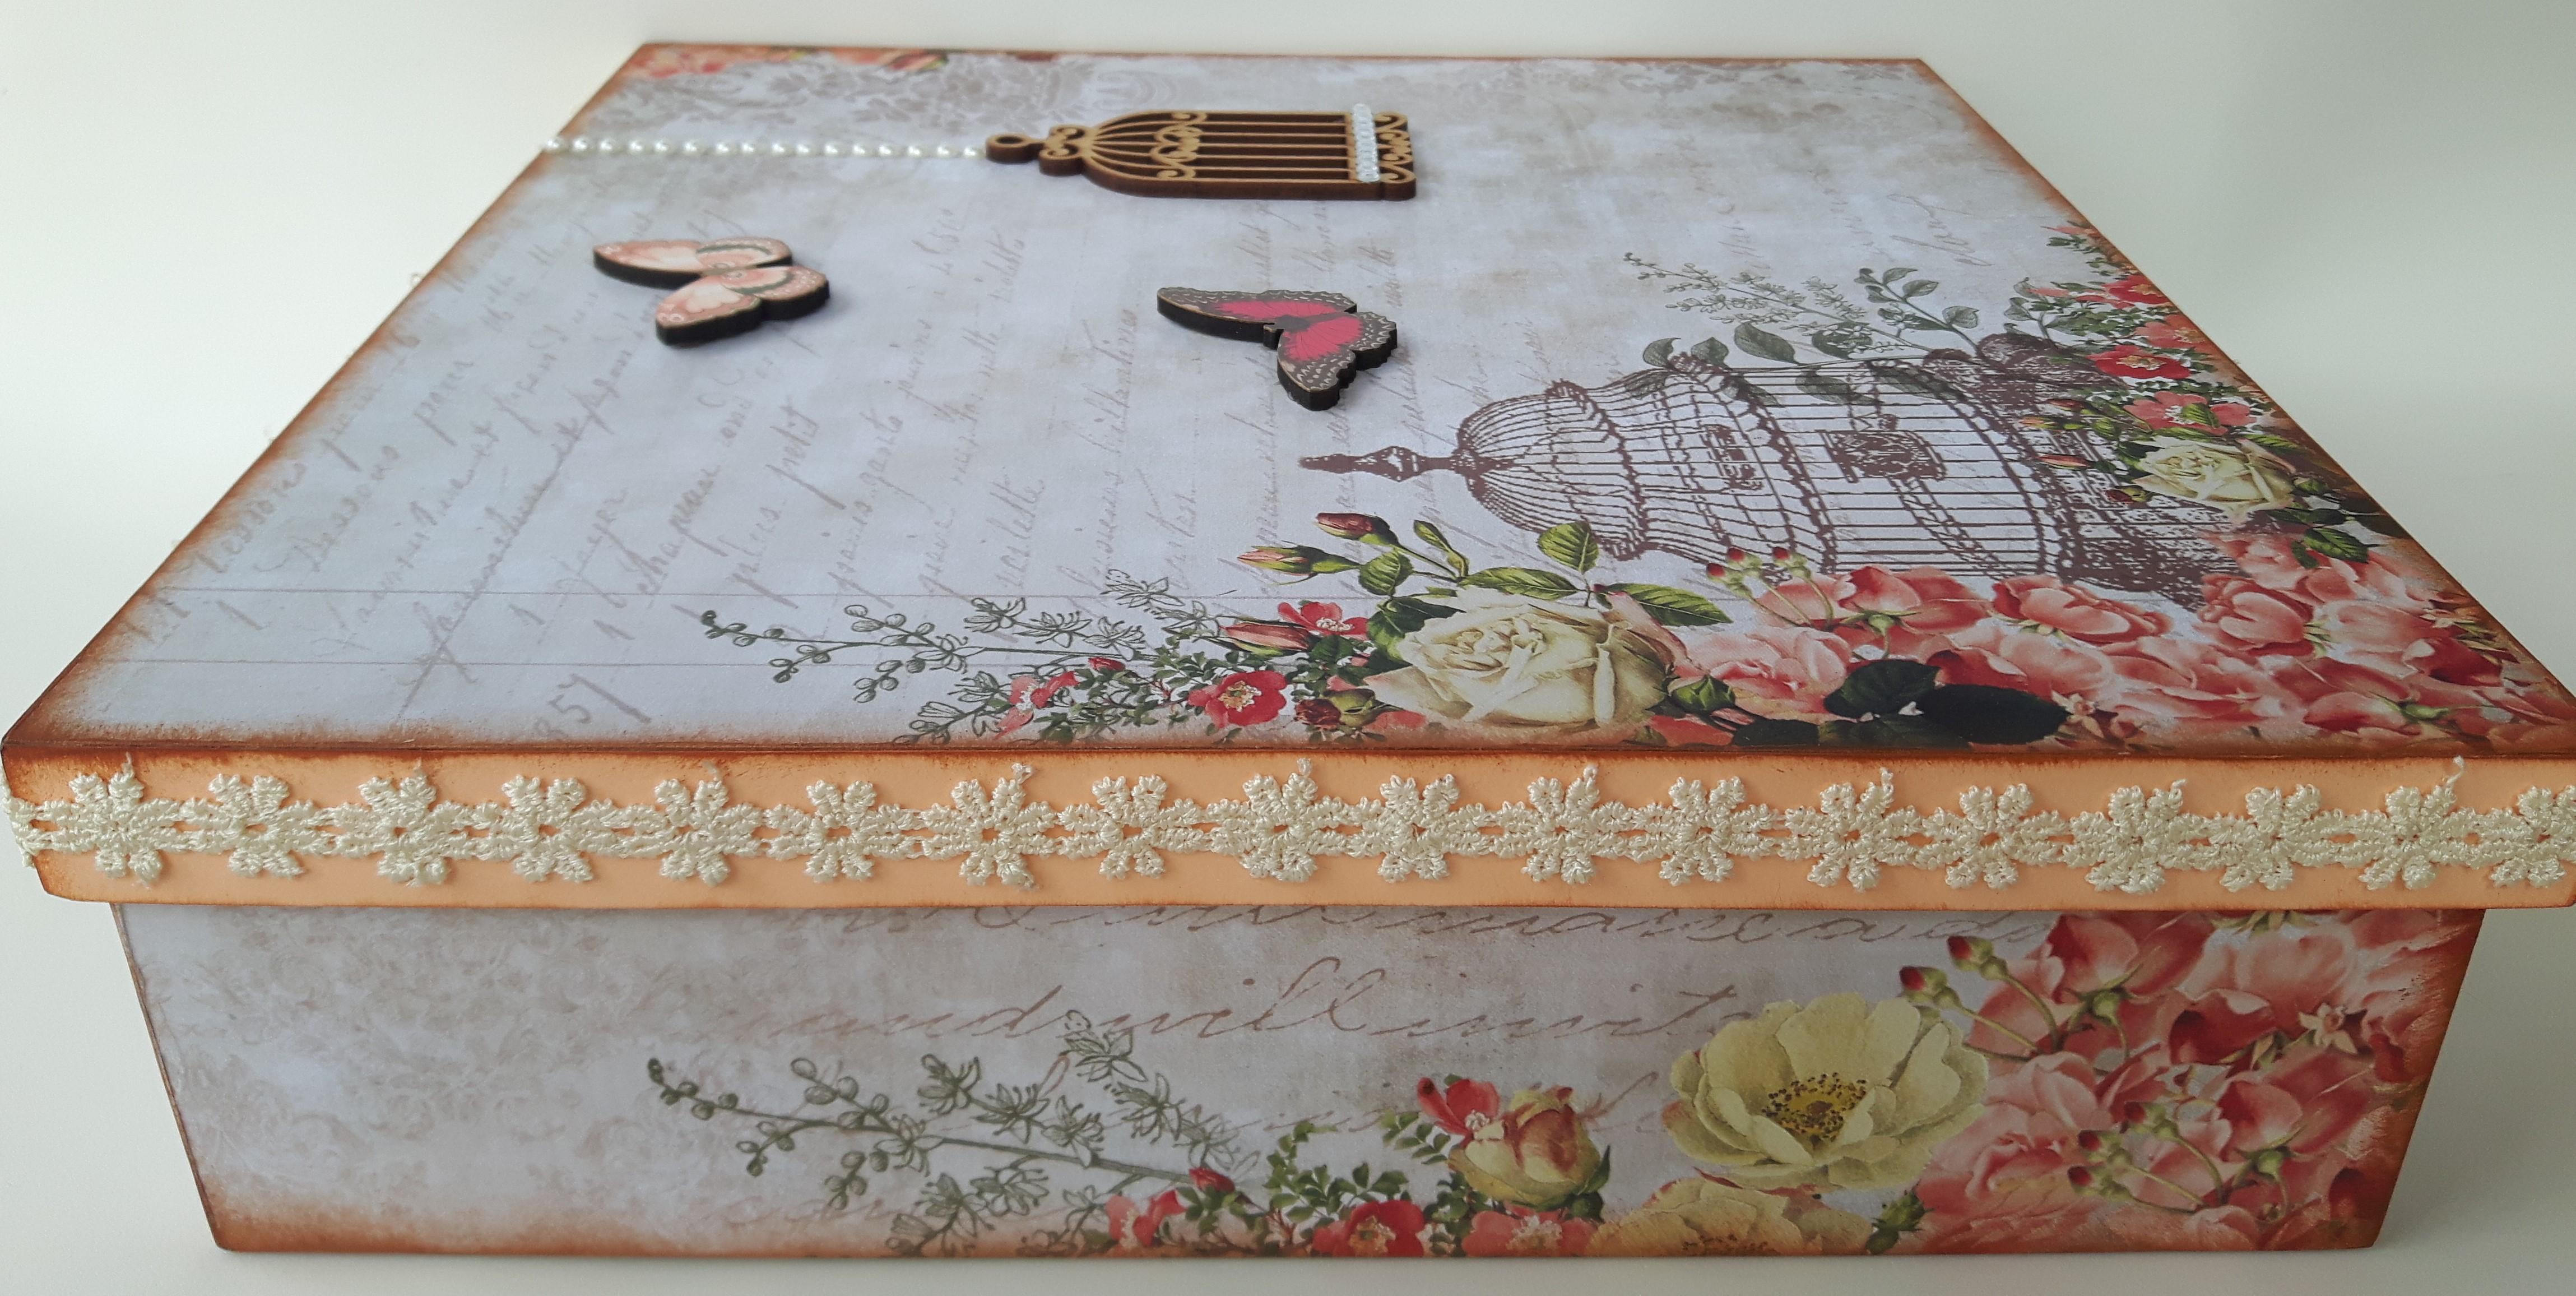 artesanato em madeira caixas decoradas artesanato em madeira caixa de #733F32 4597x2312